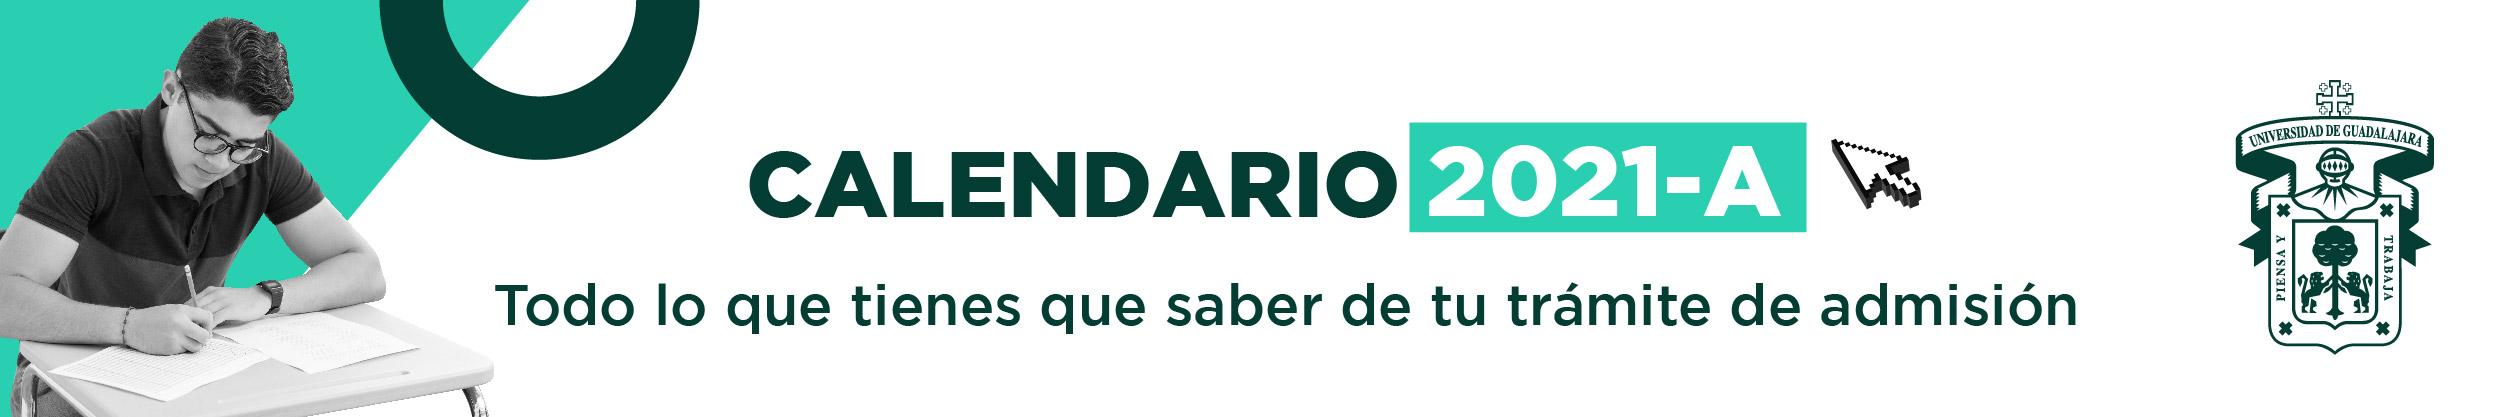 Calendario 2021-A